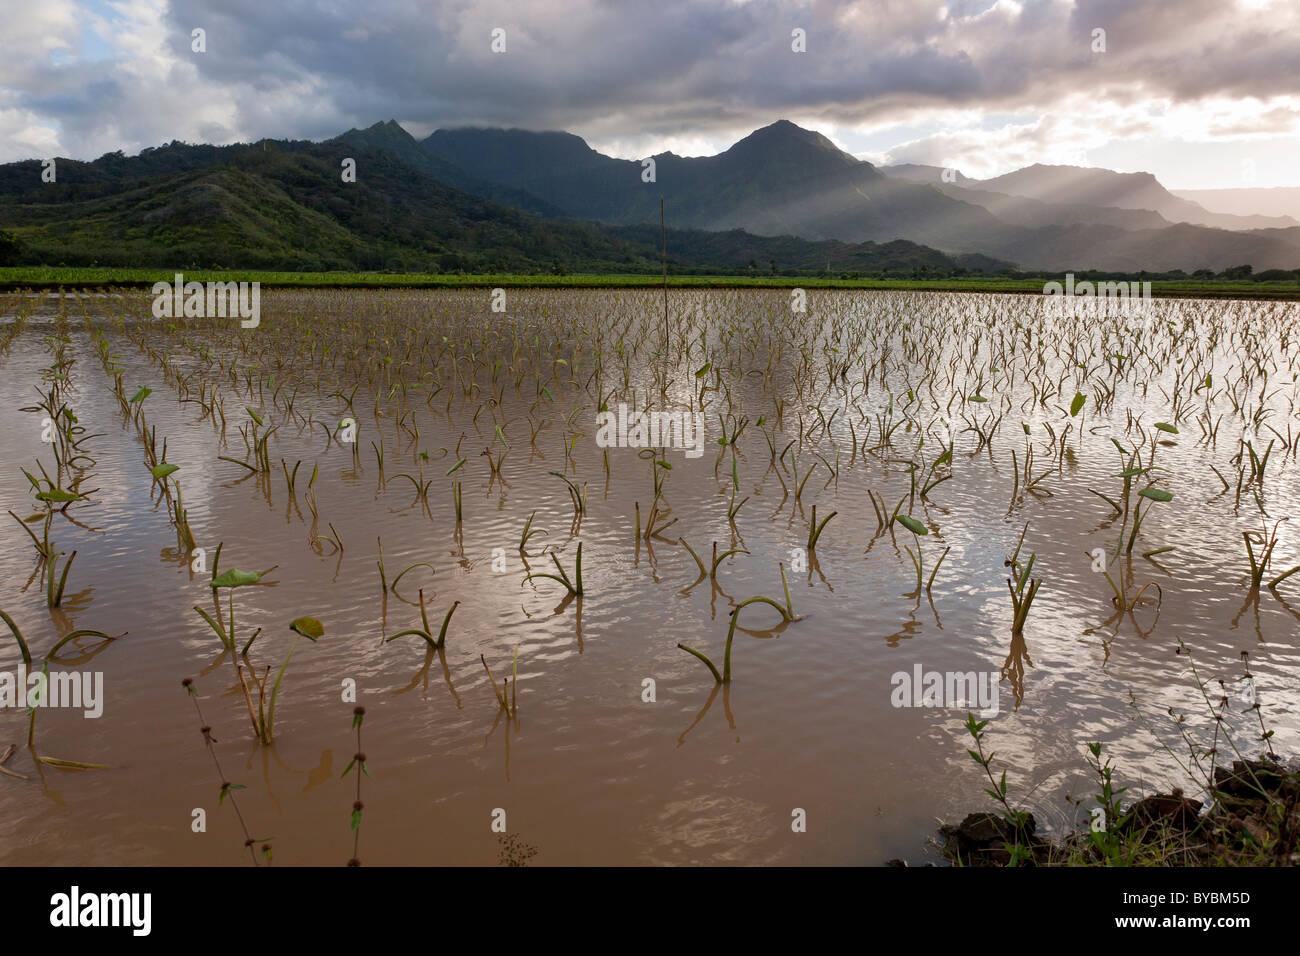 Fangoso campo inondato di cavoli di Taro nei pressi di Hanalei. Un campo inondato di cavoli di taro in Hanalei River Immagini Stock